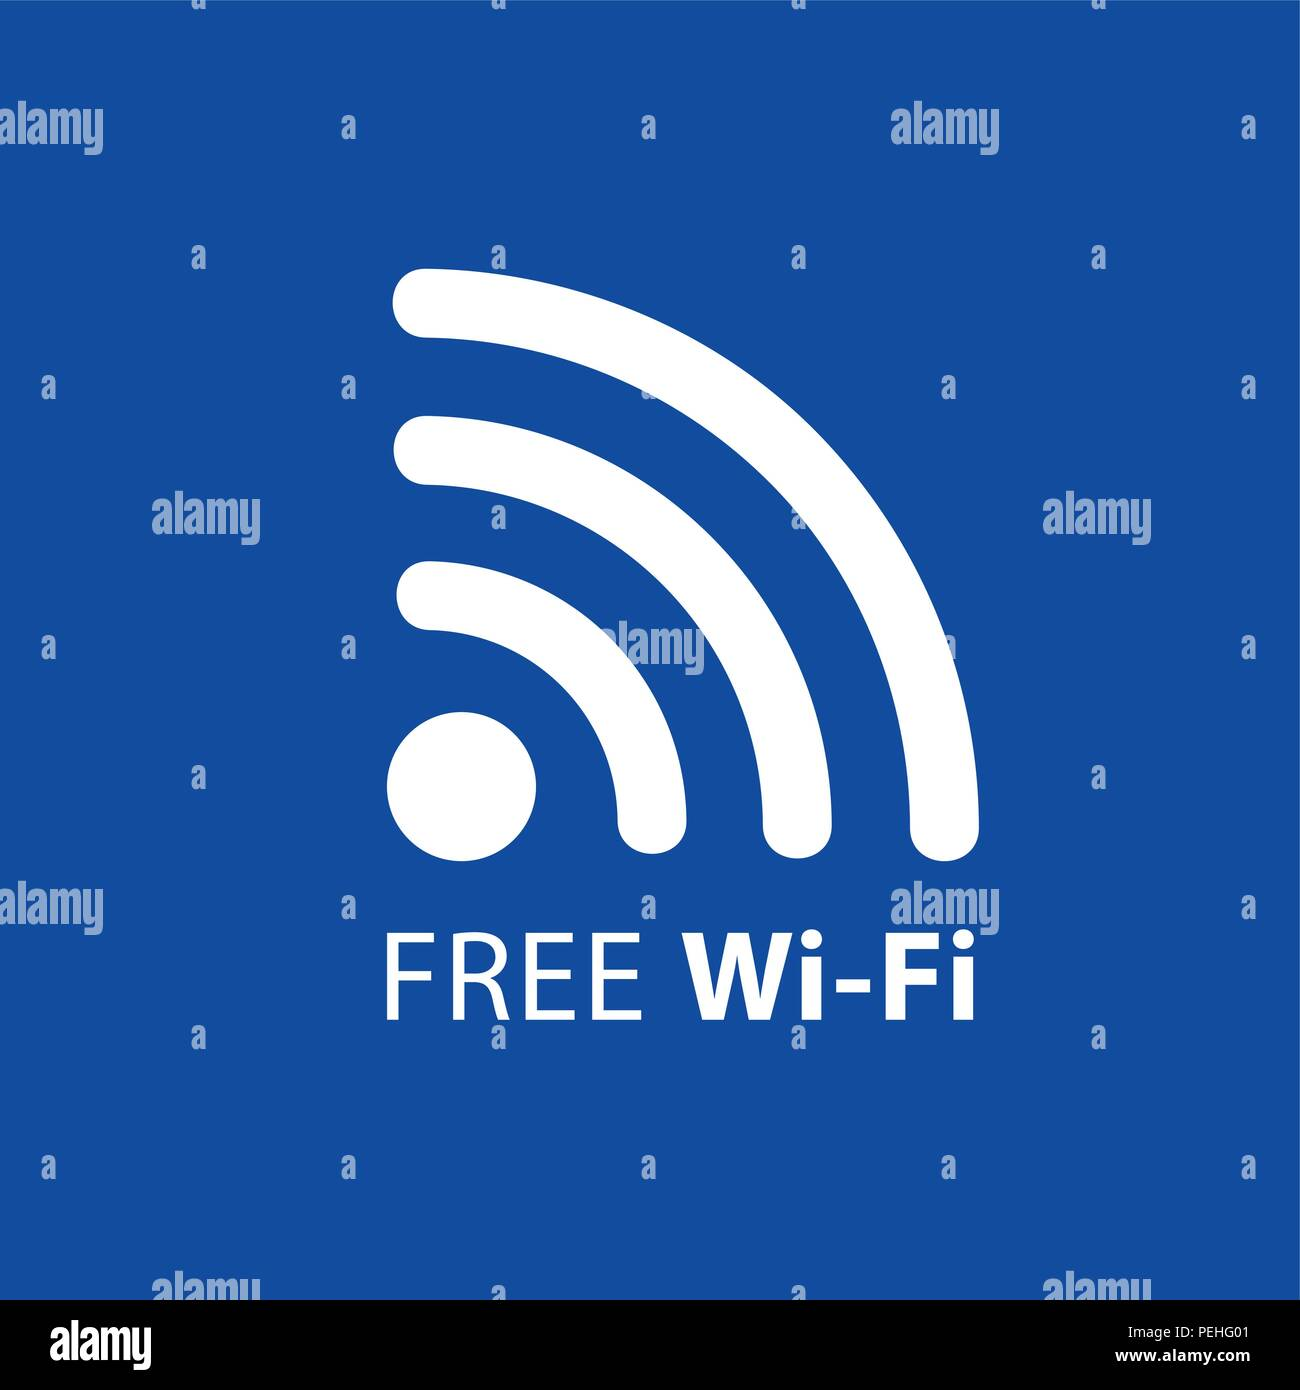 Conexión inalámbrica a internet gratuita símbolo azul ilustración vectorial EPS10 Imagen De Stock